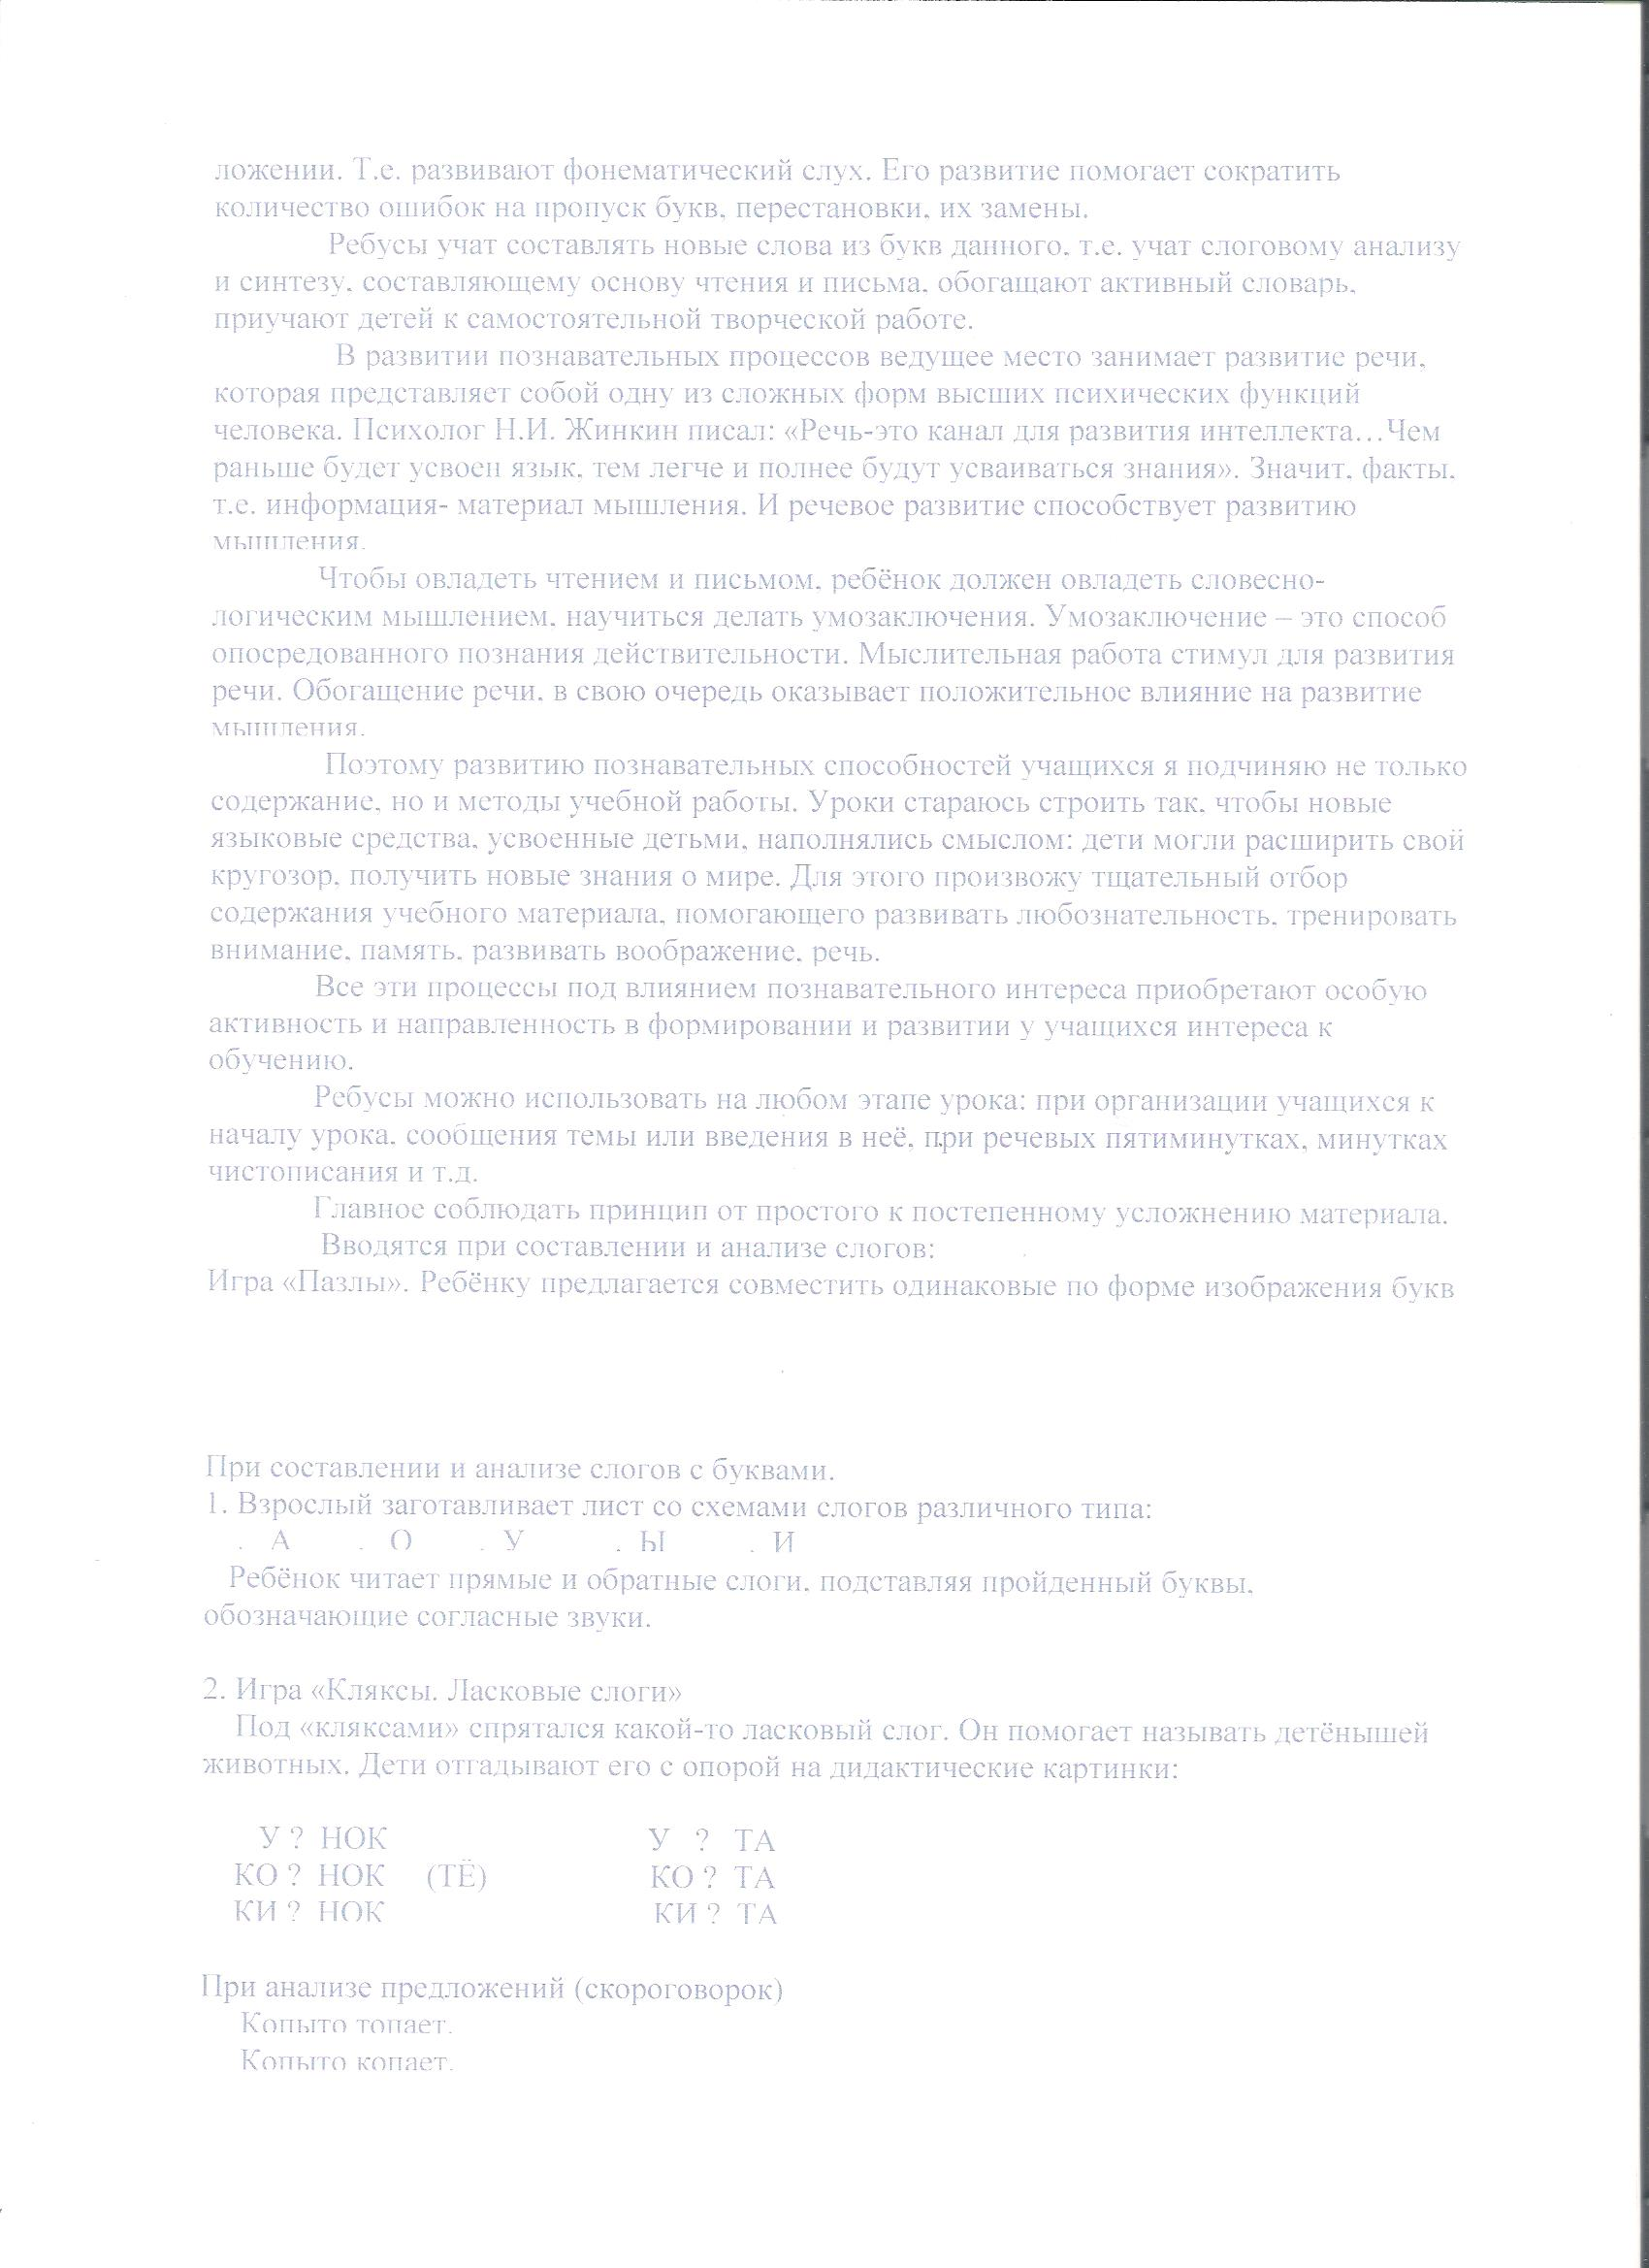 C:\Users\Валерия\Desktop\Аттеста- ция Вагановой В.В\3.jpeg